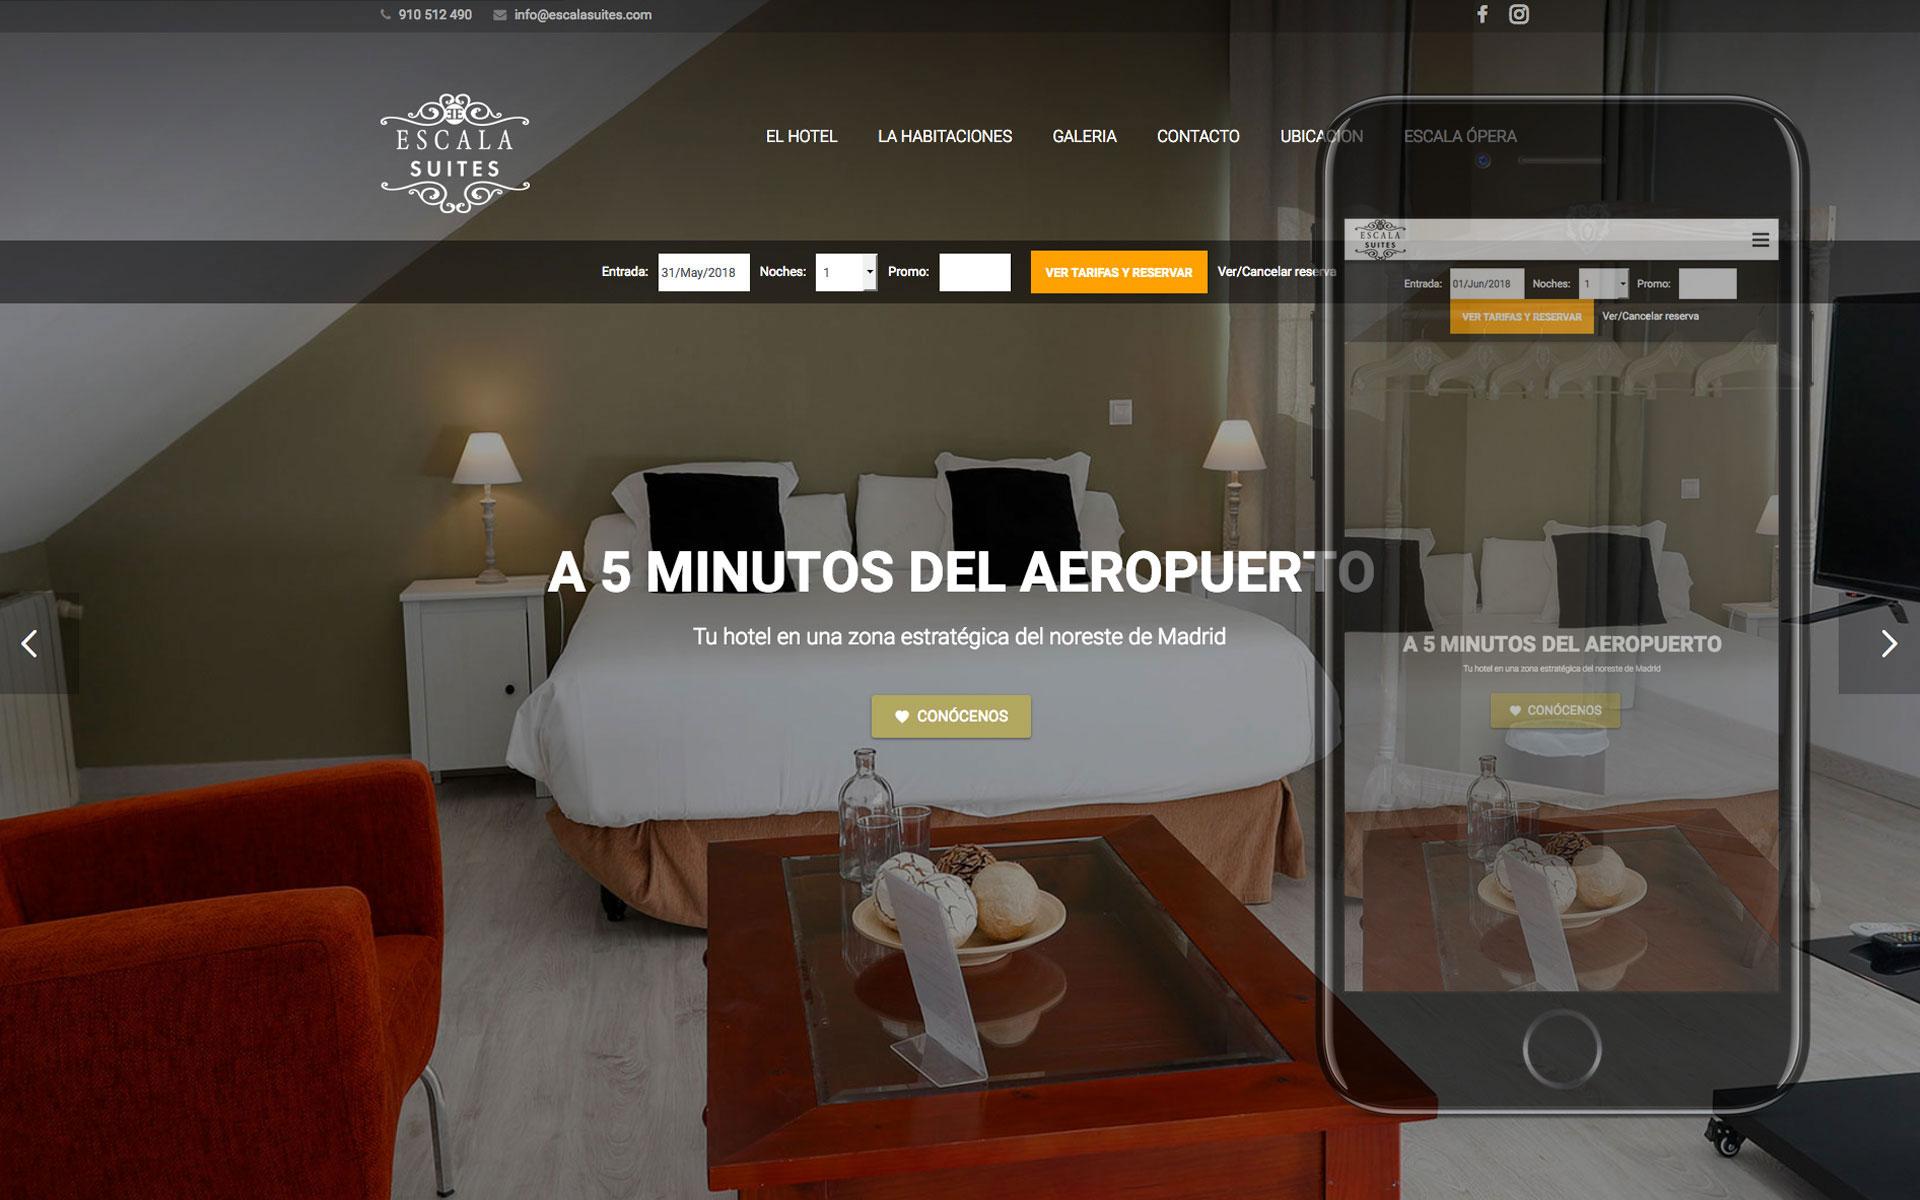 Página web para Hotel Escala Suites